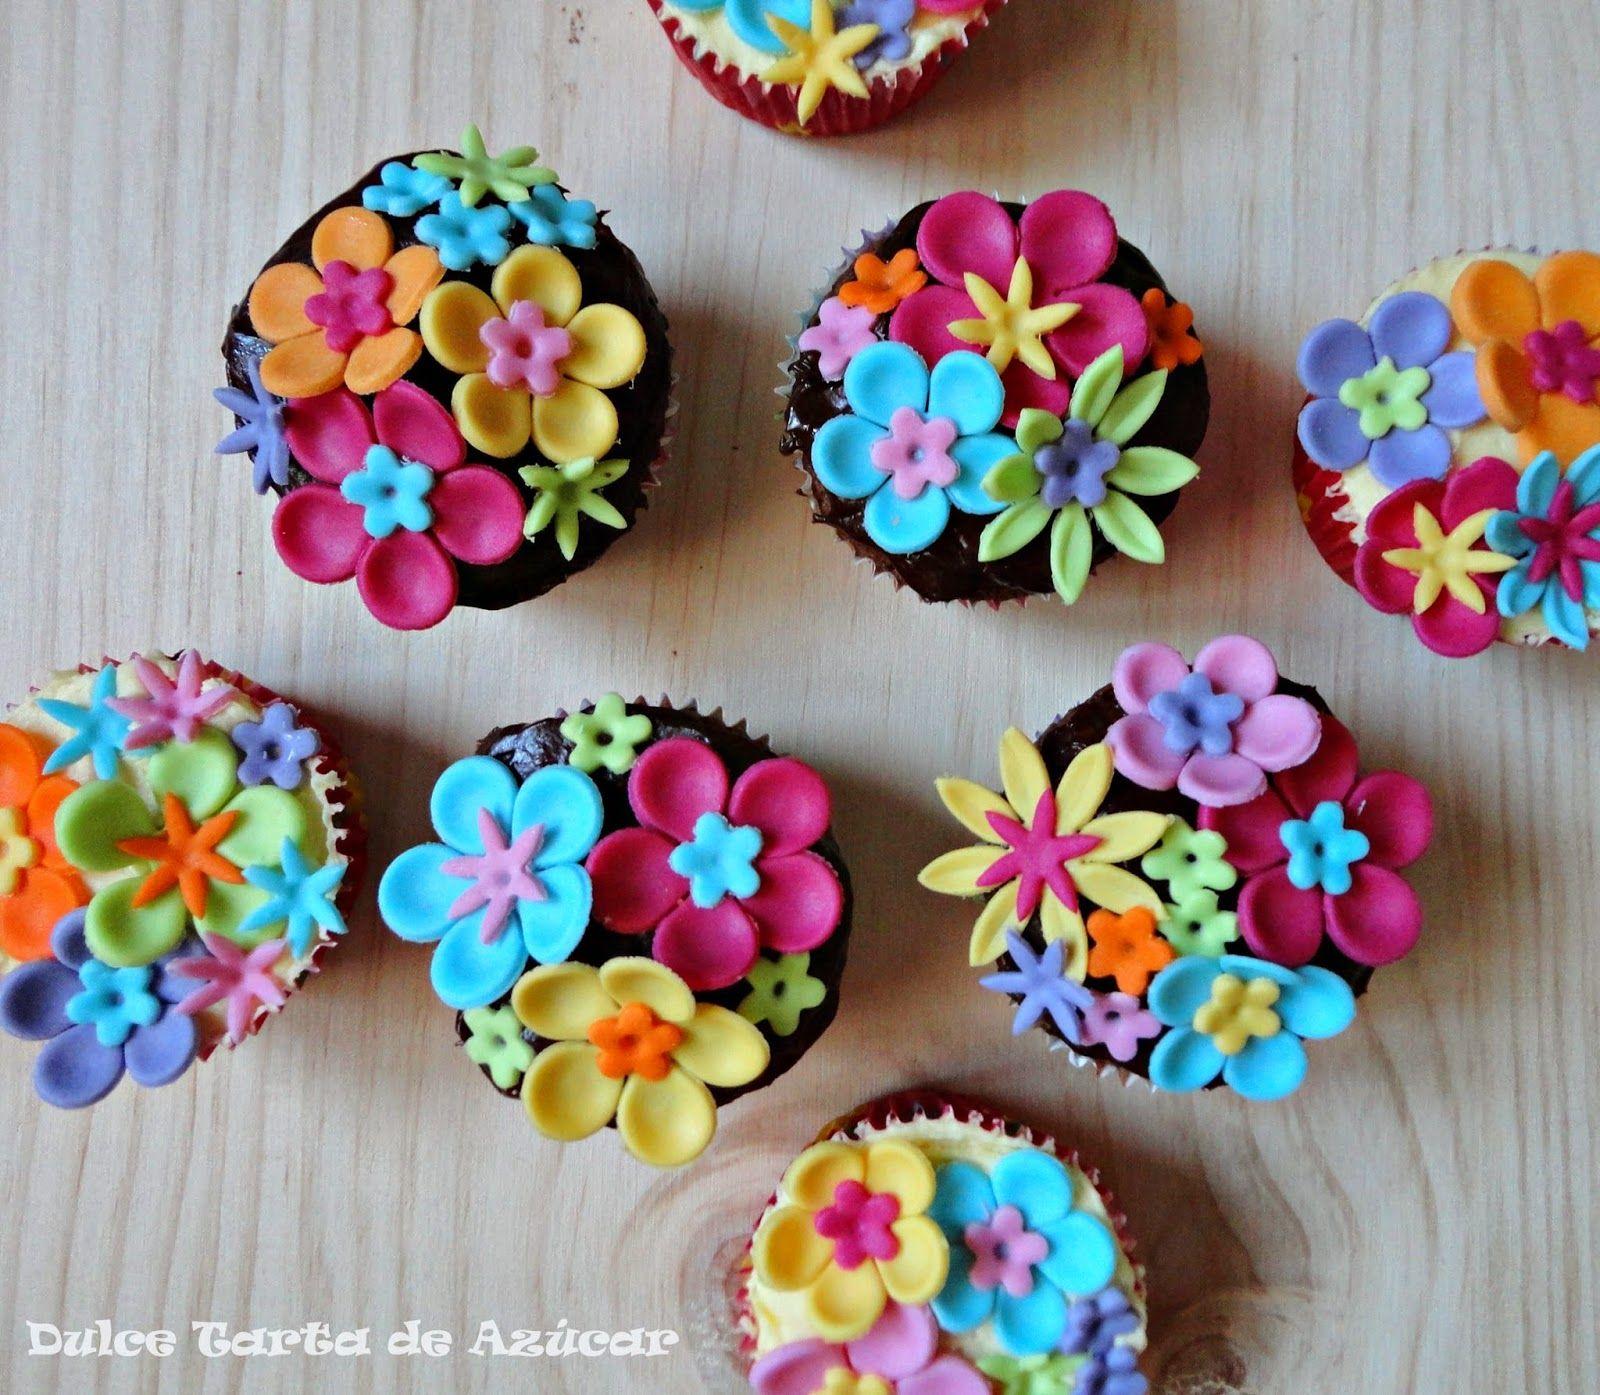 Cupcakes de chocolate y lim n decorados con flores de fondant